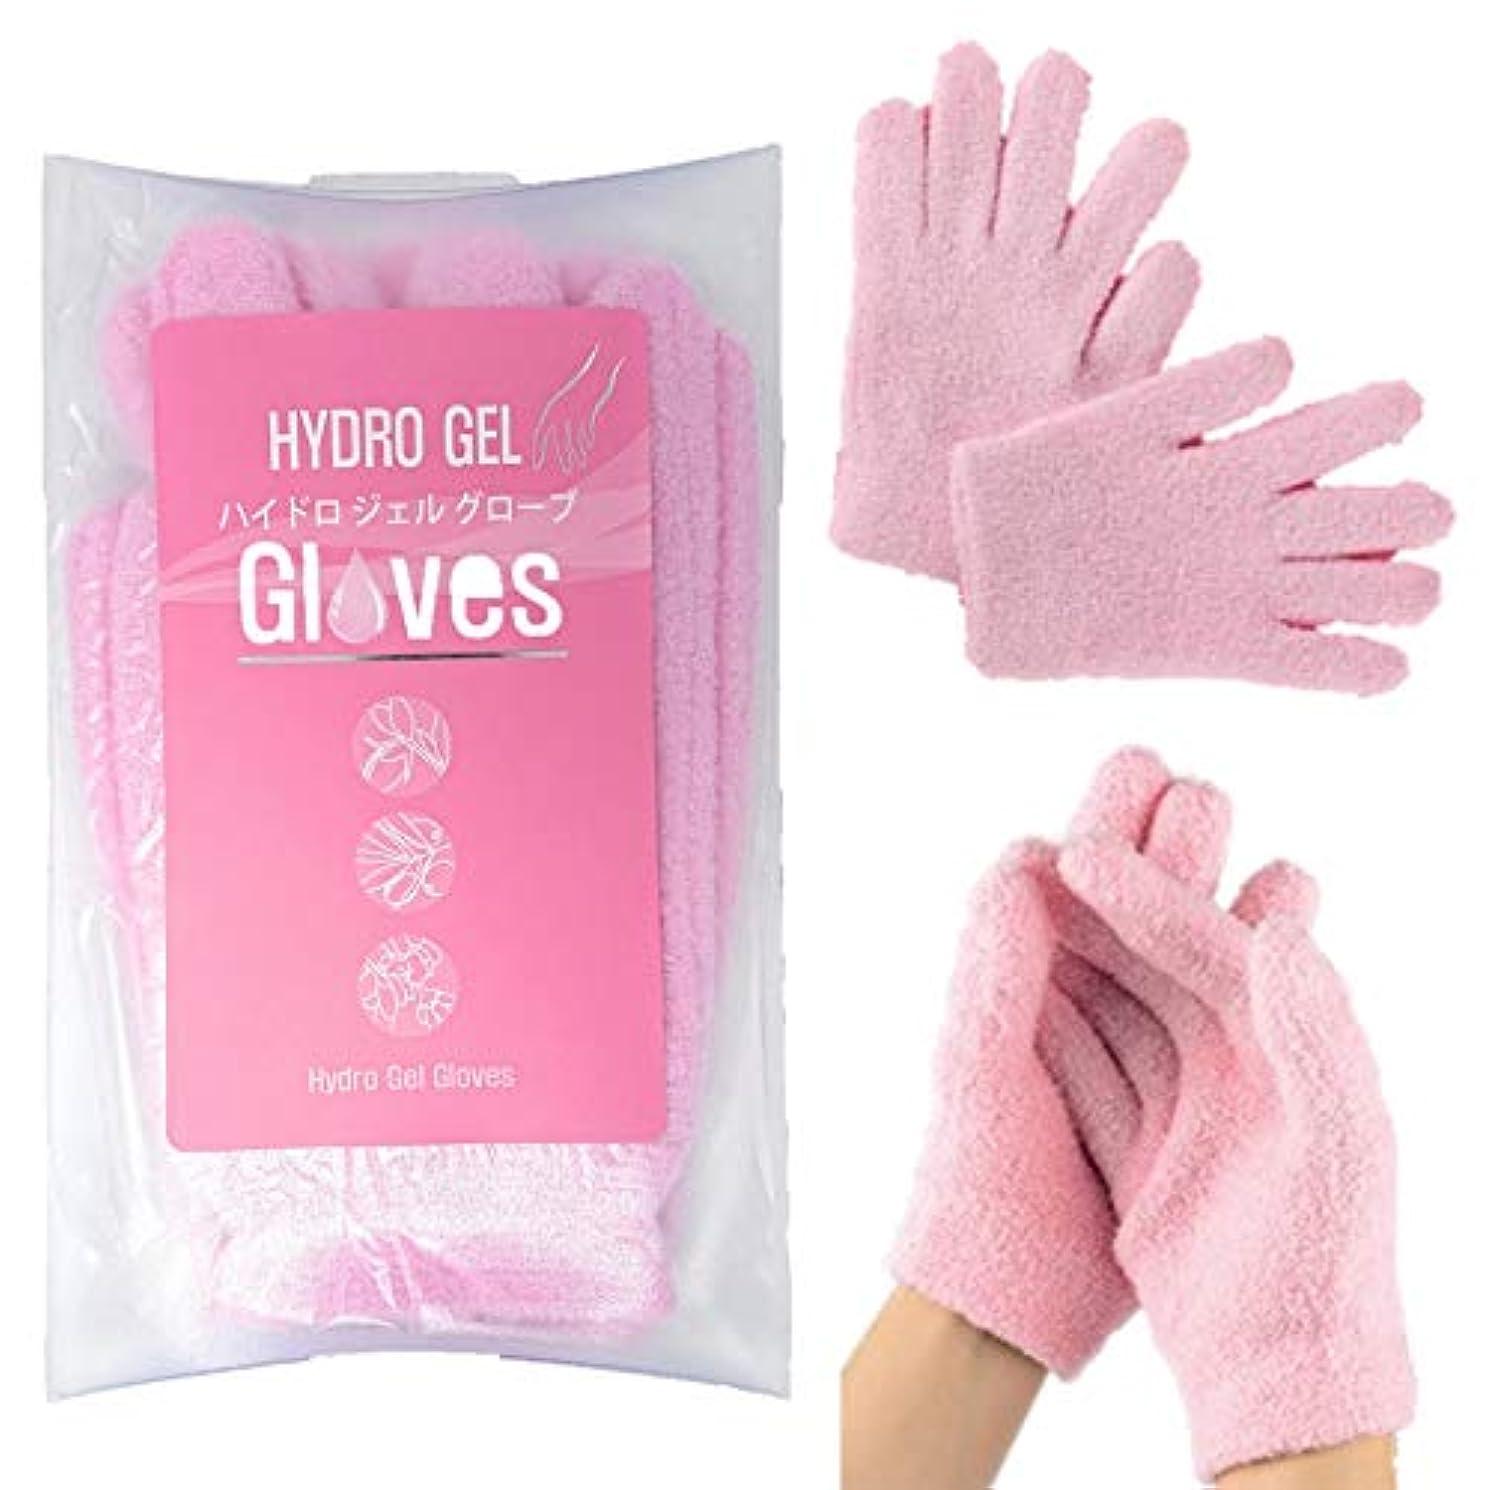 ハンバーガーラッカスプラグ美容 保湿 手袋 Mediet ハイドロ ジェル グローブ フリーサイズ 肌のカサカサ 痒み 防止 緩和